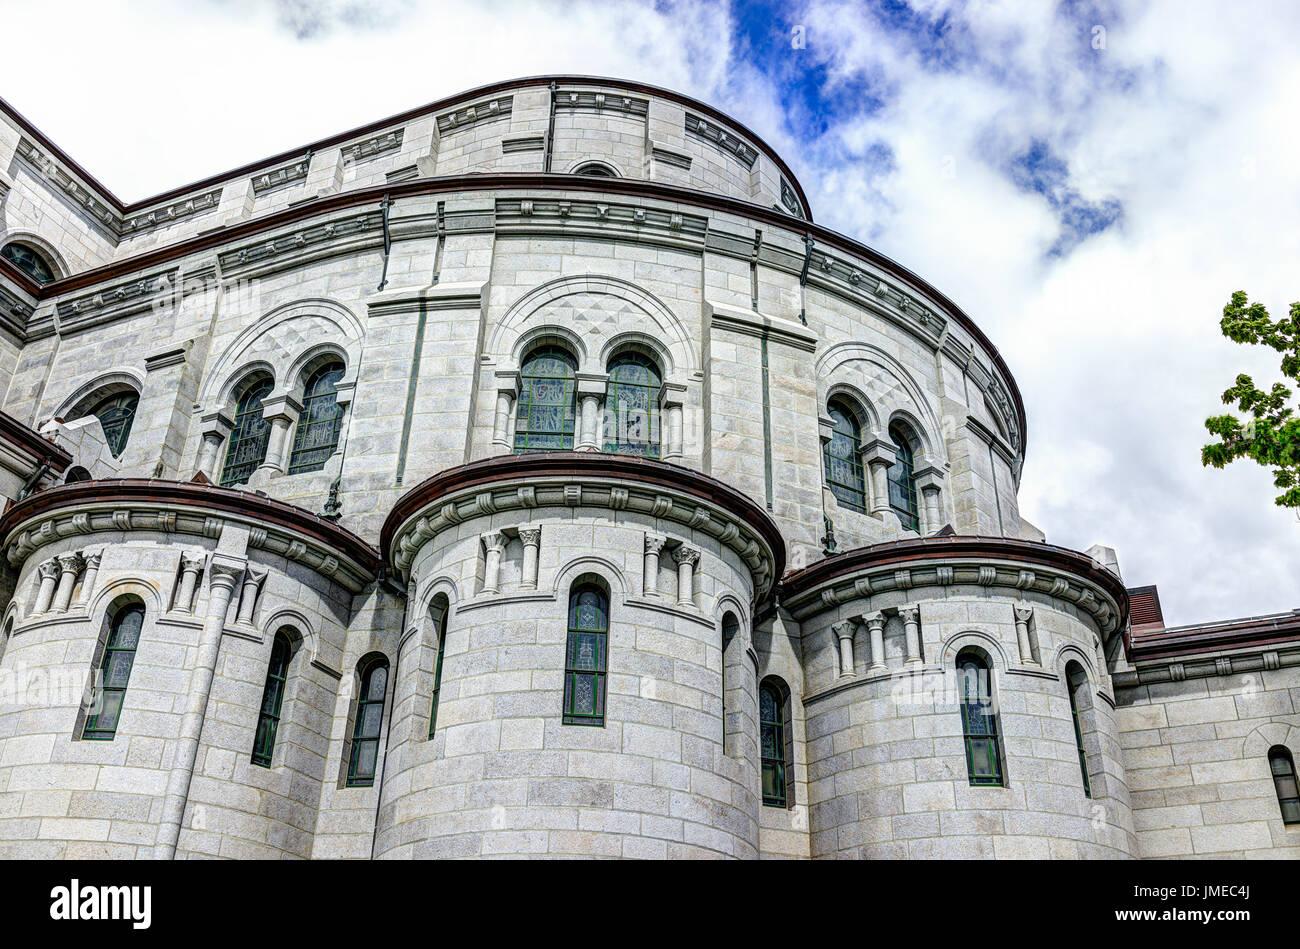 Sainte-Anne-de-Beaupre, Canada - June 2, 2017: Exterior stone architecture of Basilica of Sainte Anne de Beaupre Stock Photo